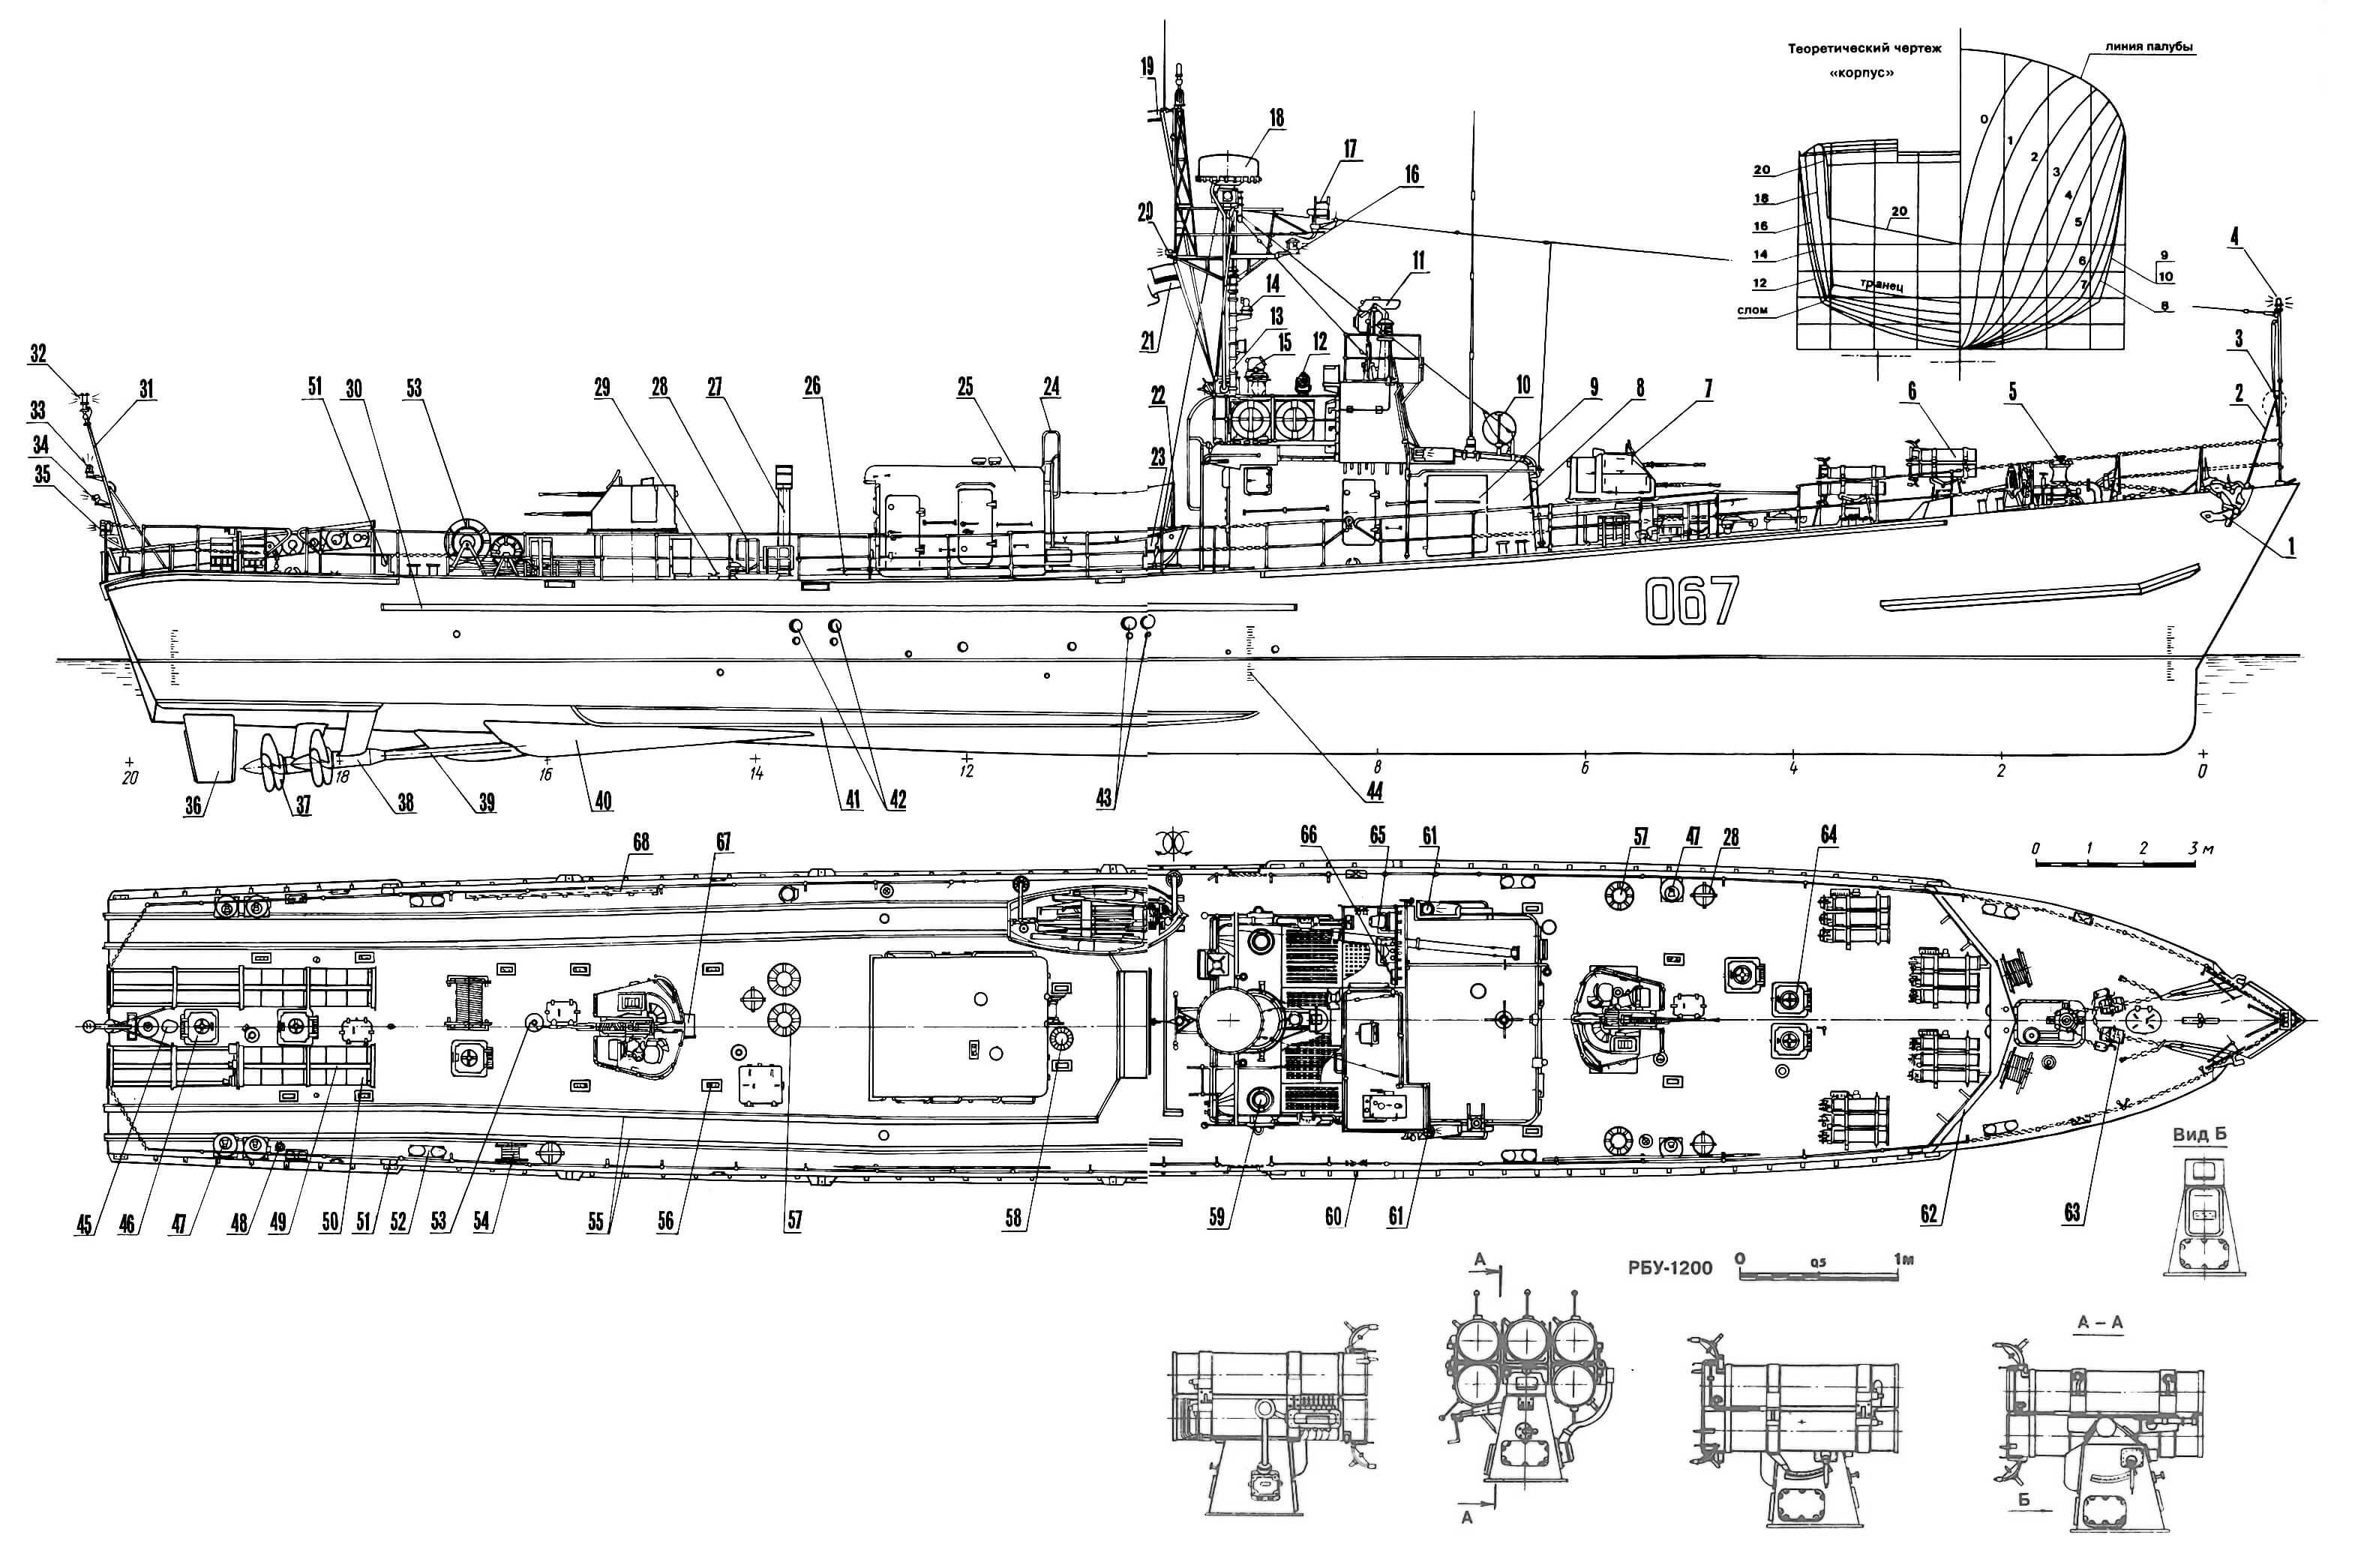 Противолодочный катер проекта 201М в варианте пограничного сторожевого катера: 1 — якорь Холла; 2 — стойка носовая; 3 — знак якорной стоянки; 4 — огонь якорный; 5 — шпиль; 6 — бомбомет РБУ-1200; 7 — 25-мм артустановка 2М-3М; 8 — рубка; 9 — щит волноотбойный; 10 — рамка пеленгатора; 11 — бинокуляр БМТ-110; 12 — прожектор светосигнальный; 13 — мачта; 14 — ревун; 15 — компас магнитный; 16 — огонь топовый; 17 — РЛС опознавания; 18 — РЛС «Рея»; 19 — вымпел пограничных кораблей; 20 — огонь кильватерный, верхний; 21 — флаг морских частей погранвойск (на ходу); 22 — шлюпбалка поворотная; 23 — шлюпка; 24 — трап забортный; 25 — кап машинного отделения; 26 — футшток; 27 — труба камбуза; 28 — корзины для мягкого кранца; 29 — утка; 30 — брус привальный; 31 — флагшток; 32 — огонь кормовой якорный (белый); 33 — огонь кормовой якорный (синий); 34 — огонь кильватерный, нижний; 35 — огонь кормовой; 36—руль; 37 — винт; 38 — кронштейн винта; 39 — вал гребной; 40 — штаны; 41 — киль скуловой; 42 — патрубки дизелей, выхлопные (только с правого борта); 43 — патрубки дизелей, выхлопные (с обоих бортов); 44 — марка углубления; 45 — битенг кормовой; 46 — люк в ахтерпик; 47 — шашки дымовые, малые; 48 — вентиль пожарный; 49 — бомбосбрасыватель; 50 — бомбы глубинные, большие; 51 — клапан воздушный; 52 — кнехты; 53 — грибок вентиляционный; 54 — вьюшка; 55 — рельсы минные; 56 — иллюминатор палубный; 57 — бухты для троса; 58 — оголовок машинного отделения вентиляционный; 59 — репитер гирокомпаса; 60 — планка киповая; 61 — огни бортовые, отличительные; 62 — волноотвод; 63 — стопор цепной кулачковый; 64 — люк в погреб реактивных бомб; 65 — индикатор РЛС; 66 — курсоуказатель; 67 — кранец первых выстрелов; 68 — сходня; 69 — 45-мм артустановка СМ-21-ЗиФ.